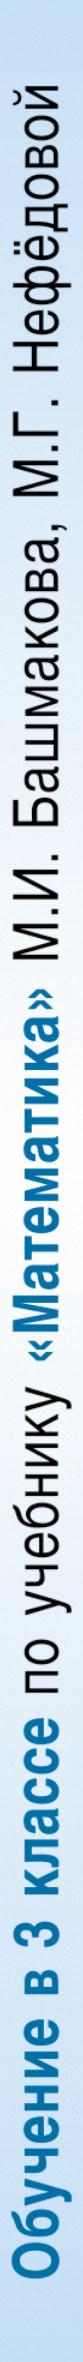 """Обучение в 3 классе по учебнику """"Математика"""" М. И. Башмакова, М. Г. Нефедовой"""